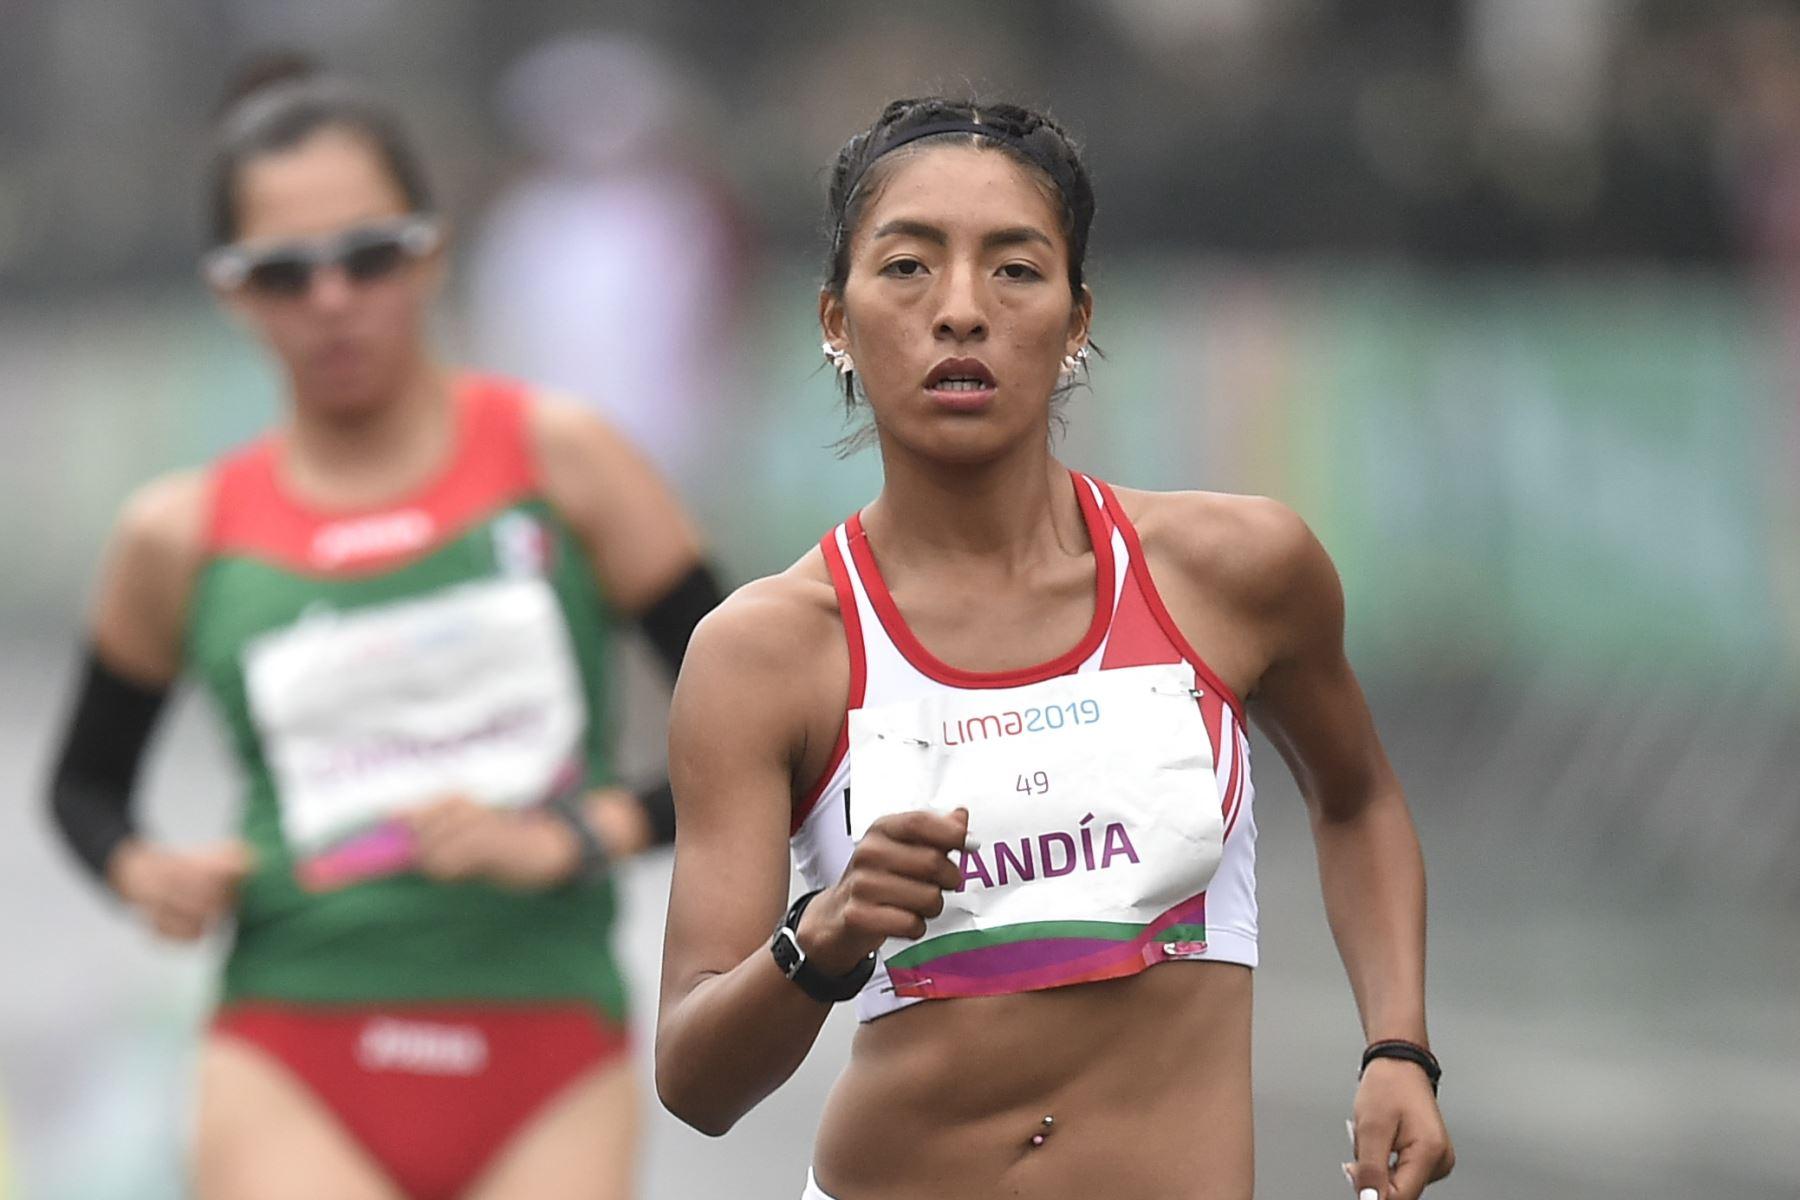 La peruana Mary Luz Andia compite en la carrera final femenina de 20 km a pie durante los Juegos Panamericanos de Lima 2019. Foto:AFP